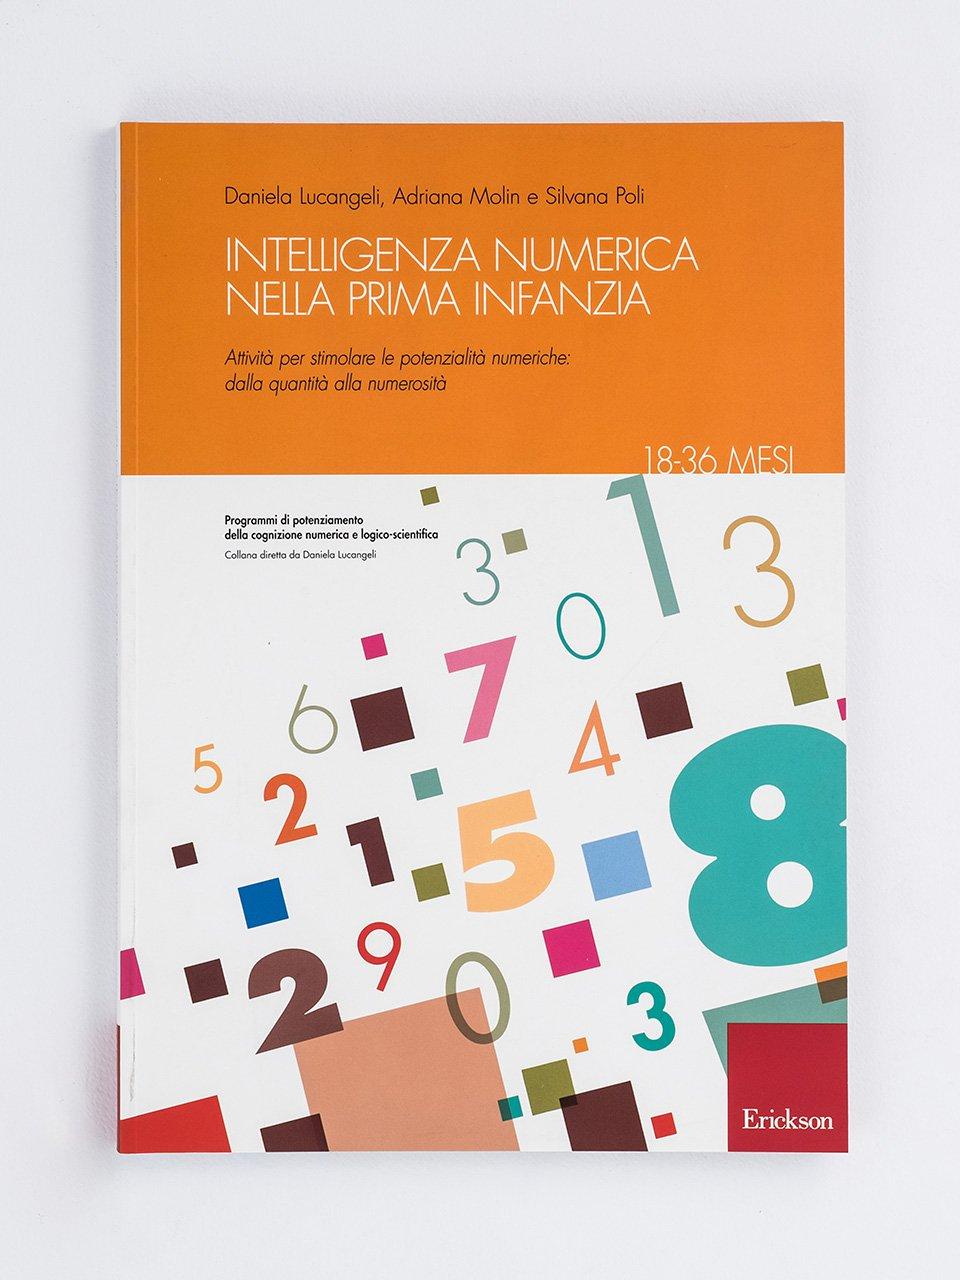 Intelligenza numerica nella prima infanzia - 18-36 mesi - Raccontare storie aiuta i bambini - Libri - Erickson